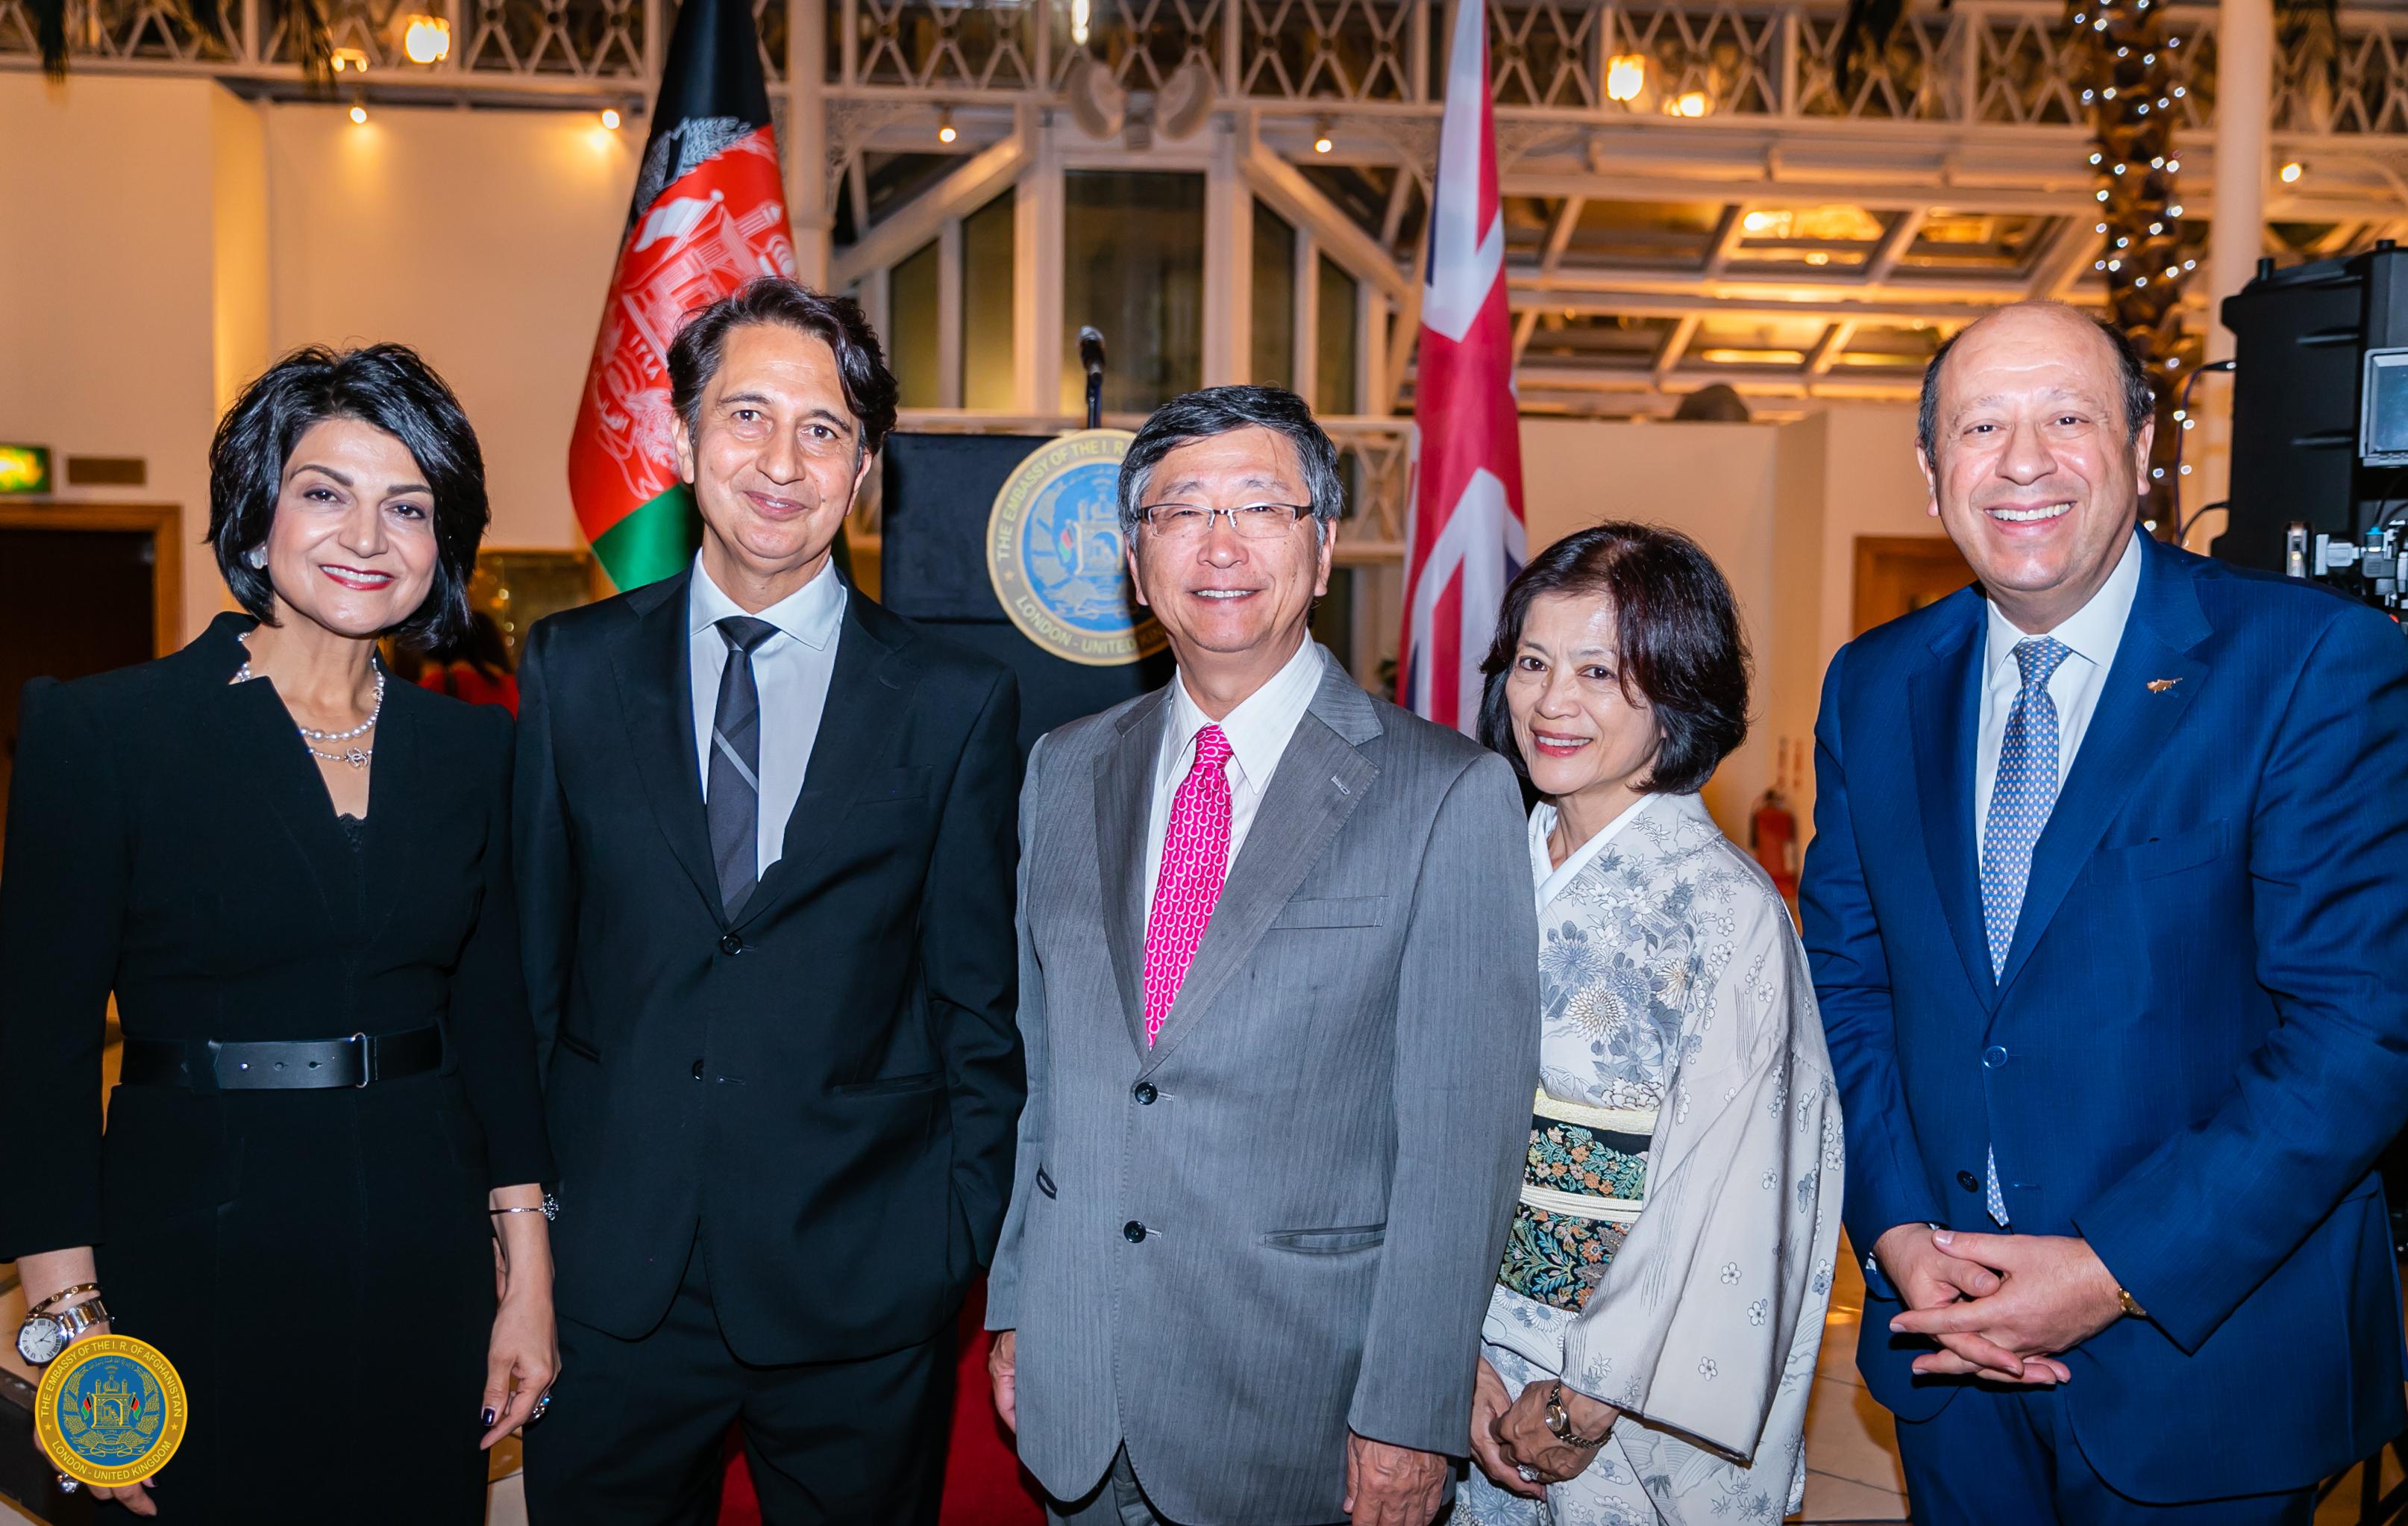 7 - Ambassador Jawad and Shamim Jawad w_ the Ambassadors of Japan and Cyprus